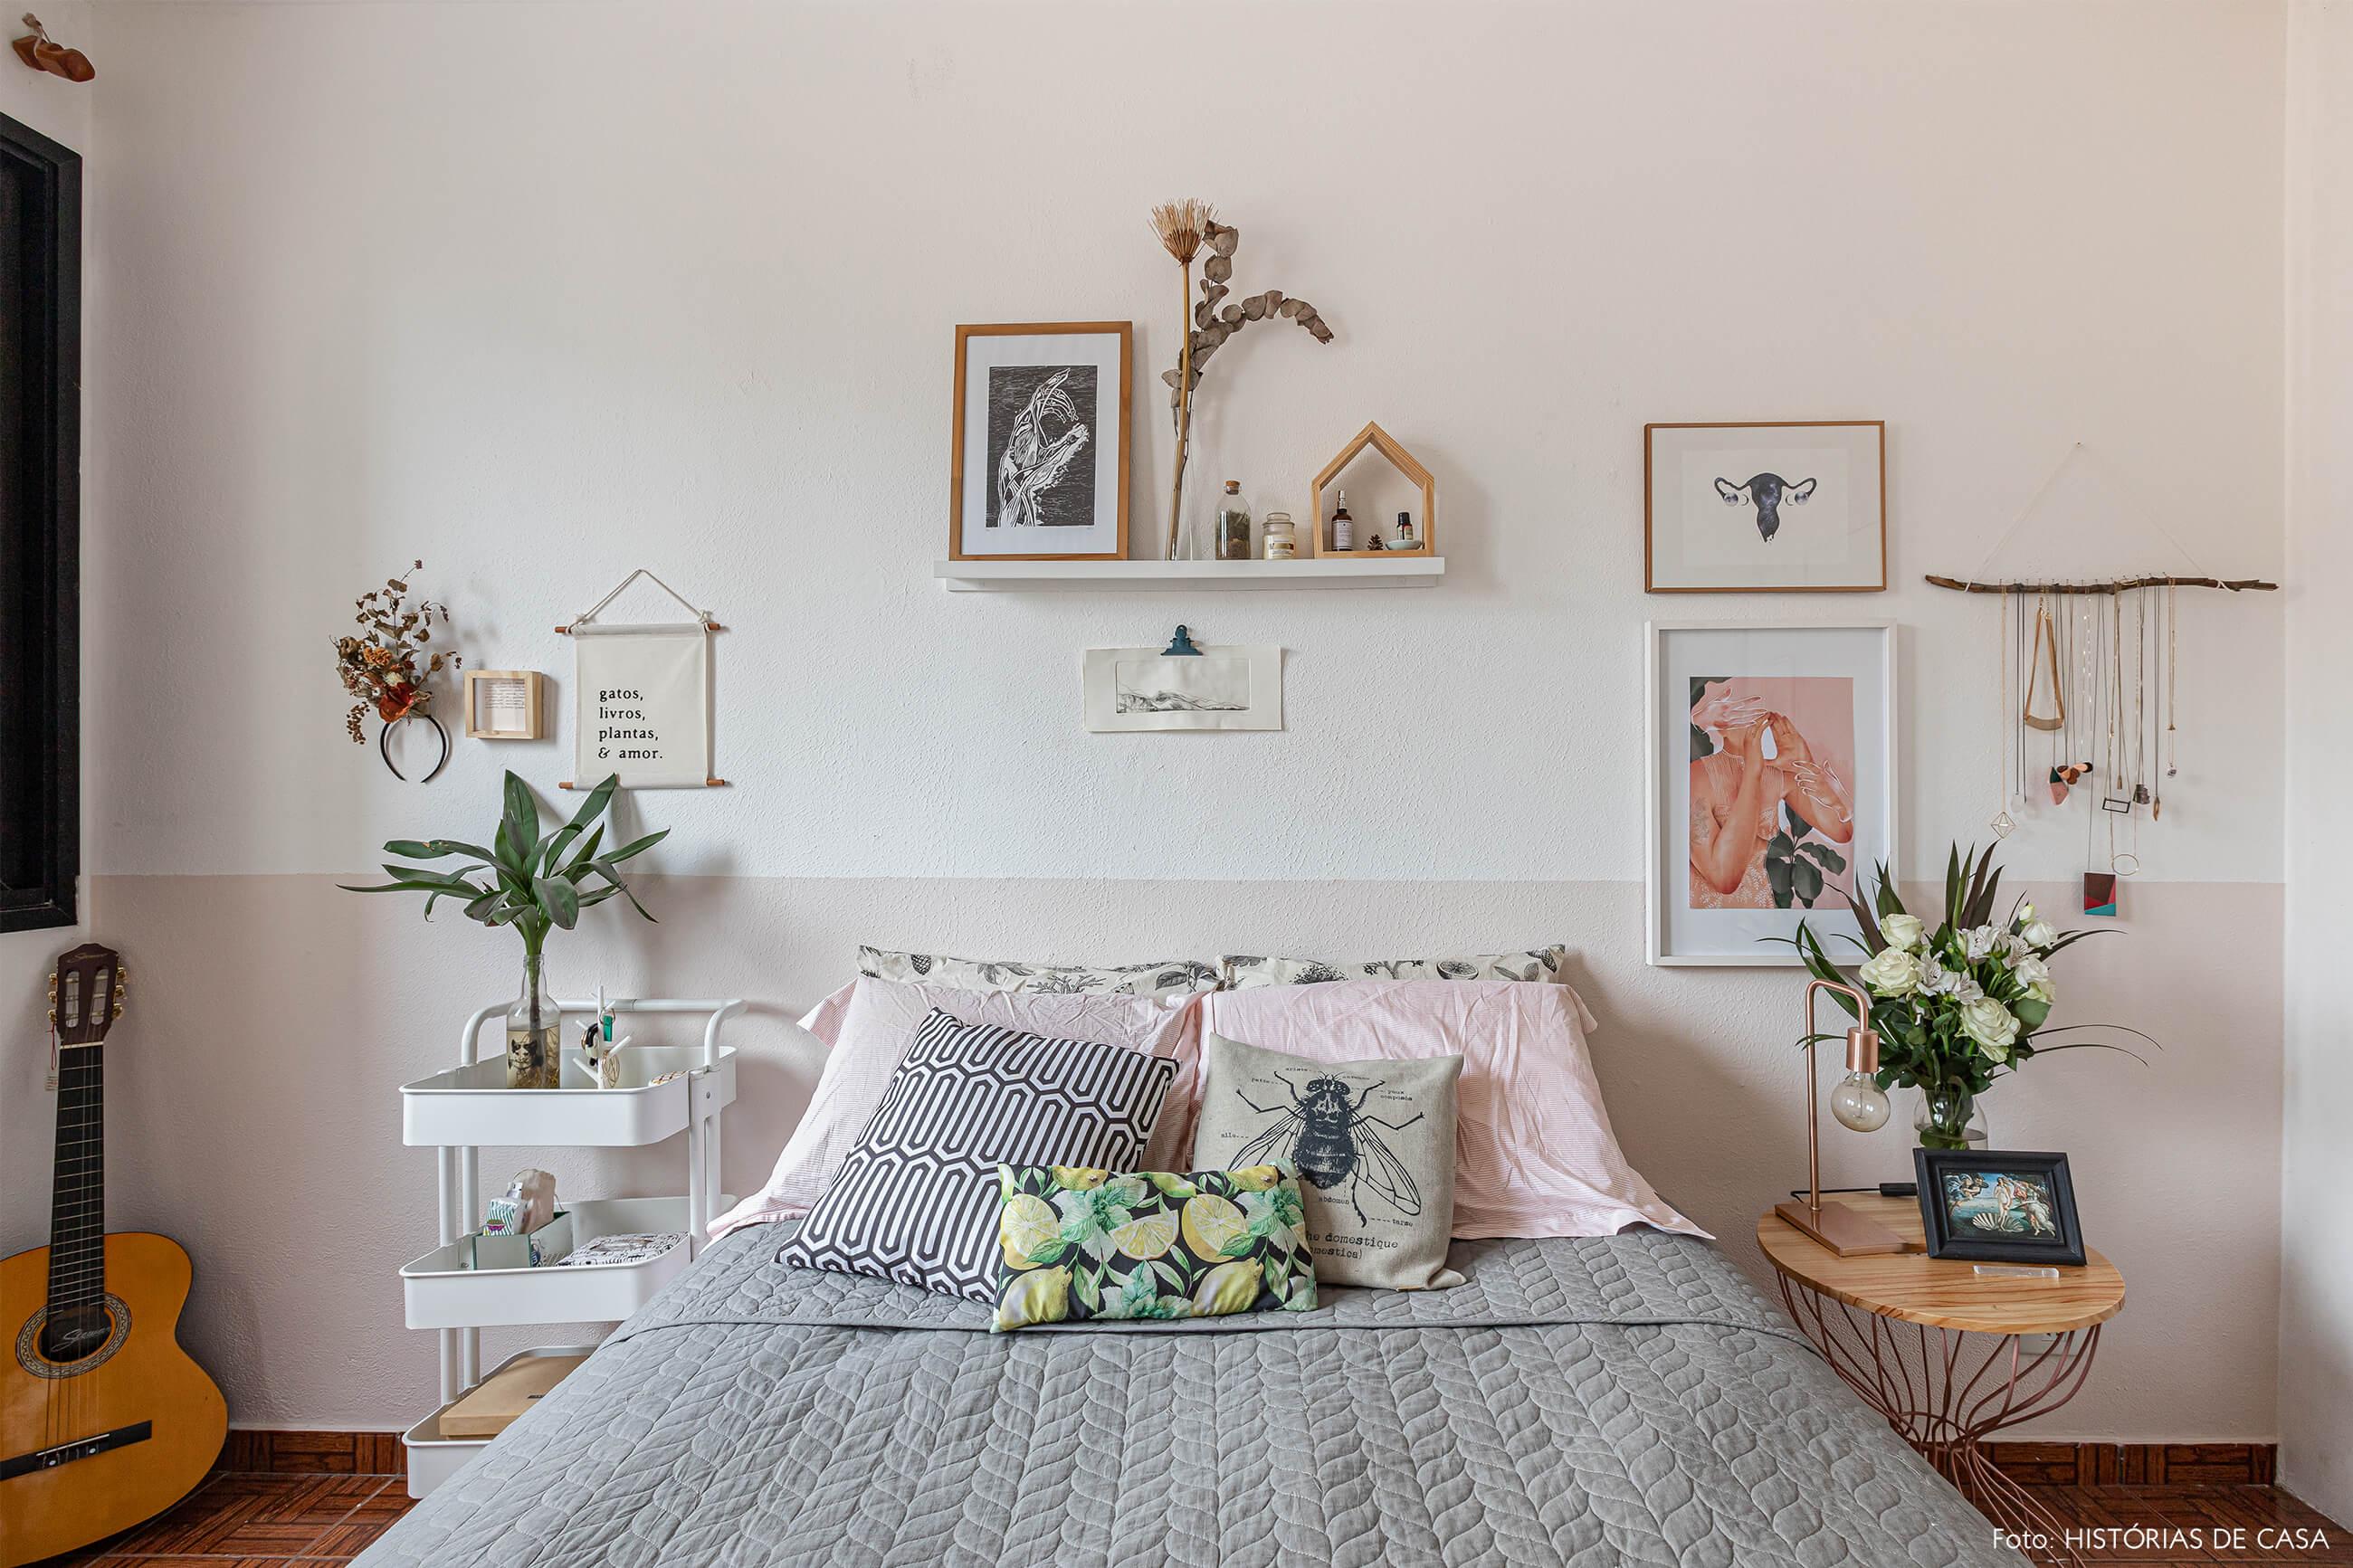 decoração-quarto-com-meia-parede-pintada-e-quadros